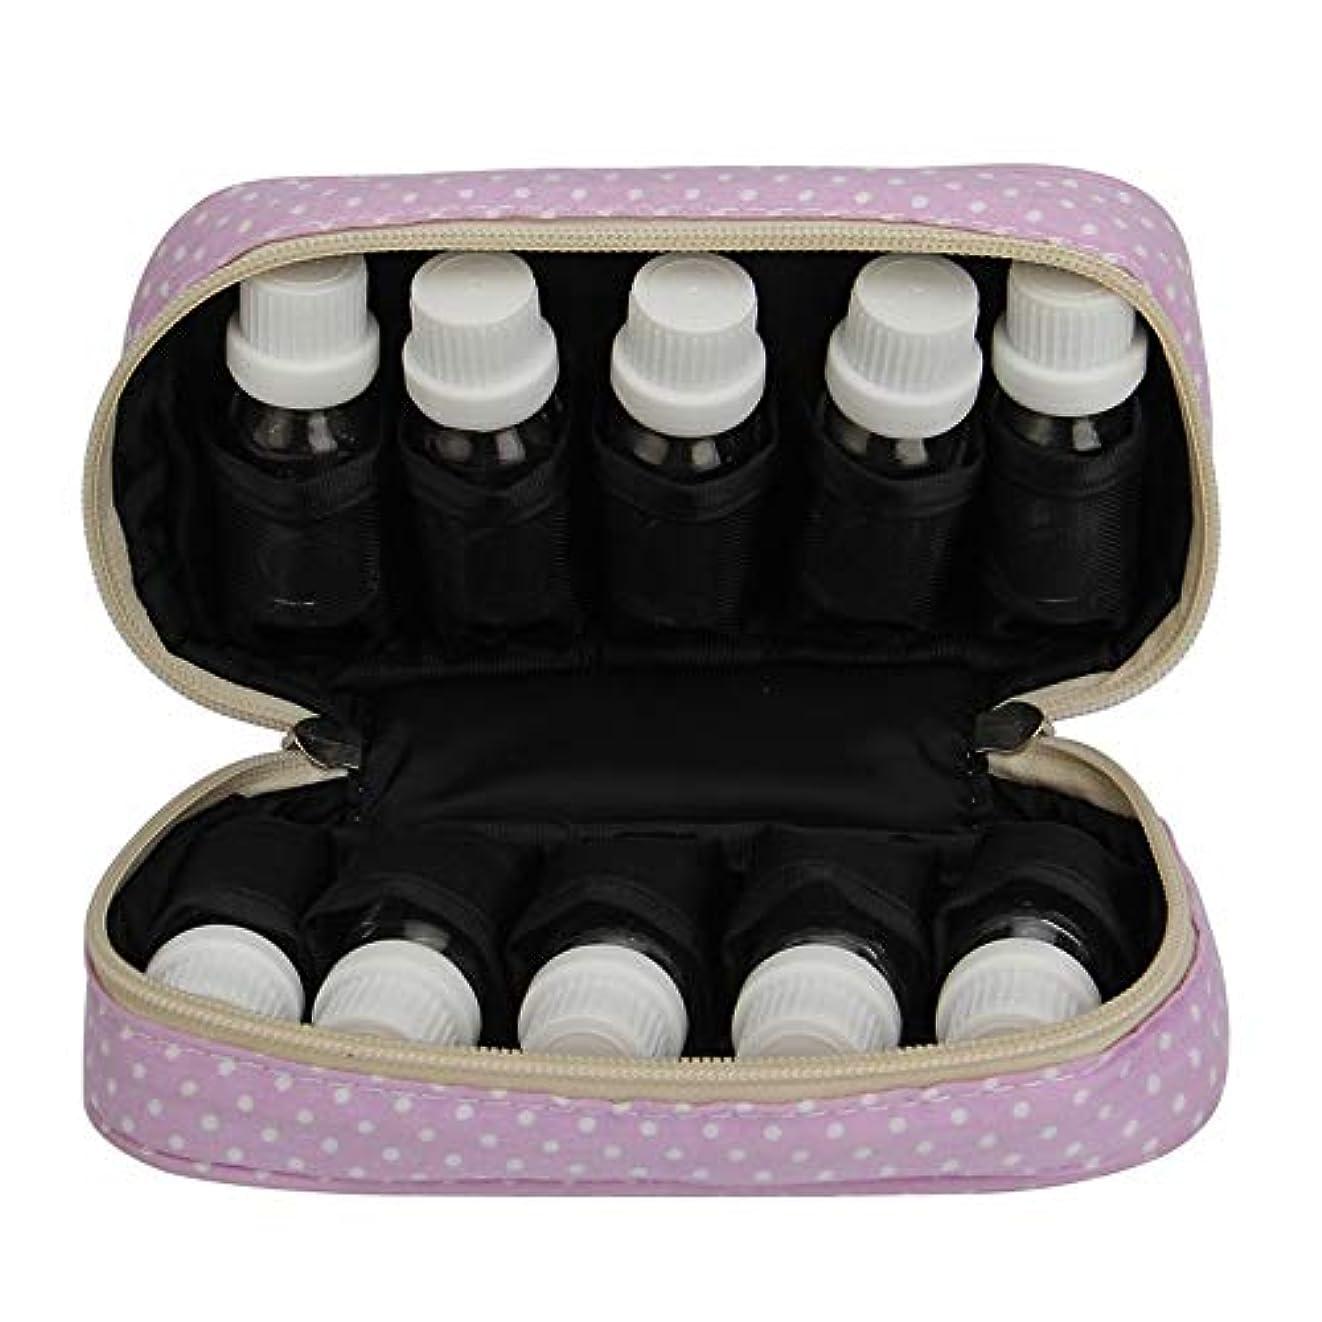 ファンドチャンバー辞任精油ケース エッセンシャルオイルキャリングケースは、10本のボトル10-15MLトラベルオーガナイザーポーチバッグパープルを開催します 携帯便利 (色 : 紫の, サイズ : 18.5X11X5CM)